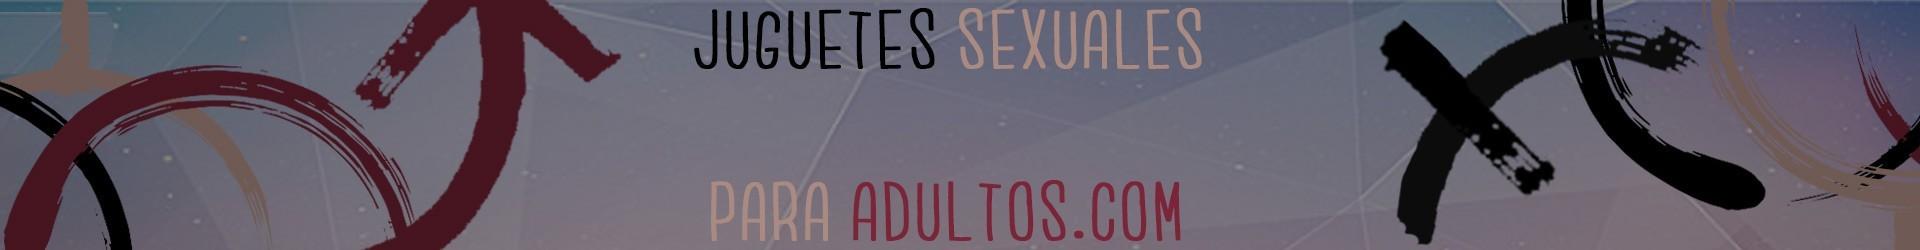 Penes dobles - Sex Shop Juguetes Sexuales